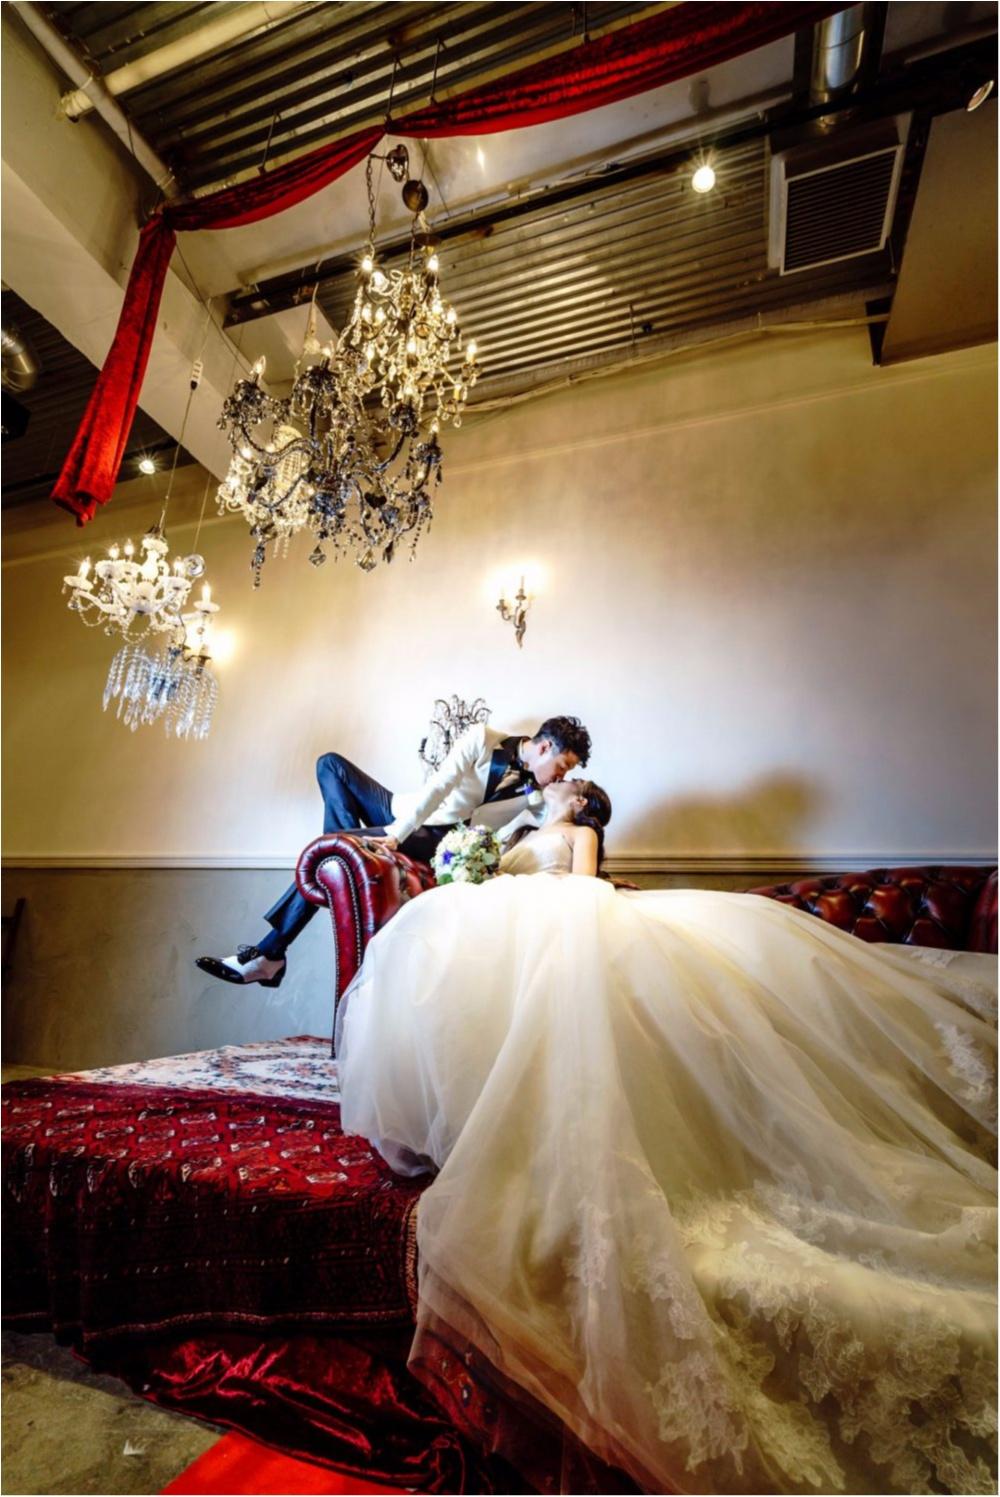 研究室にサッカー場!? 「世界にひとつだけ♡」のオリジナル結婚式が素敵すぎ!_23